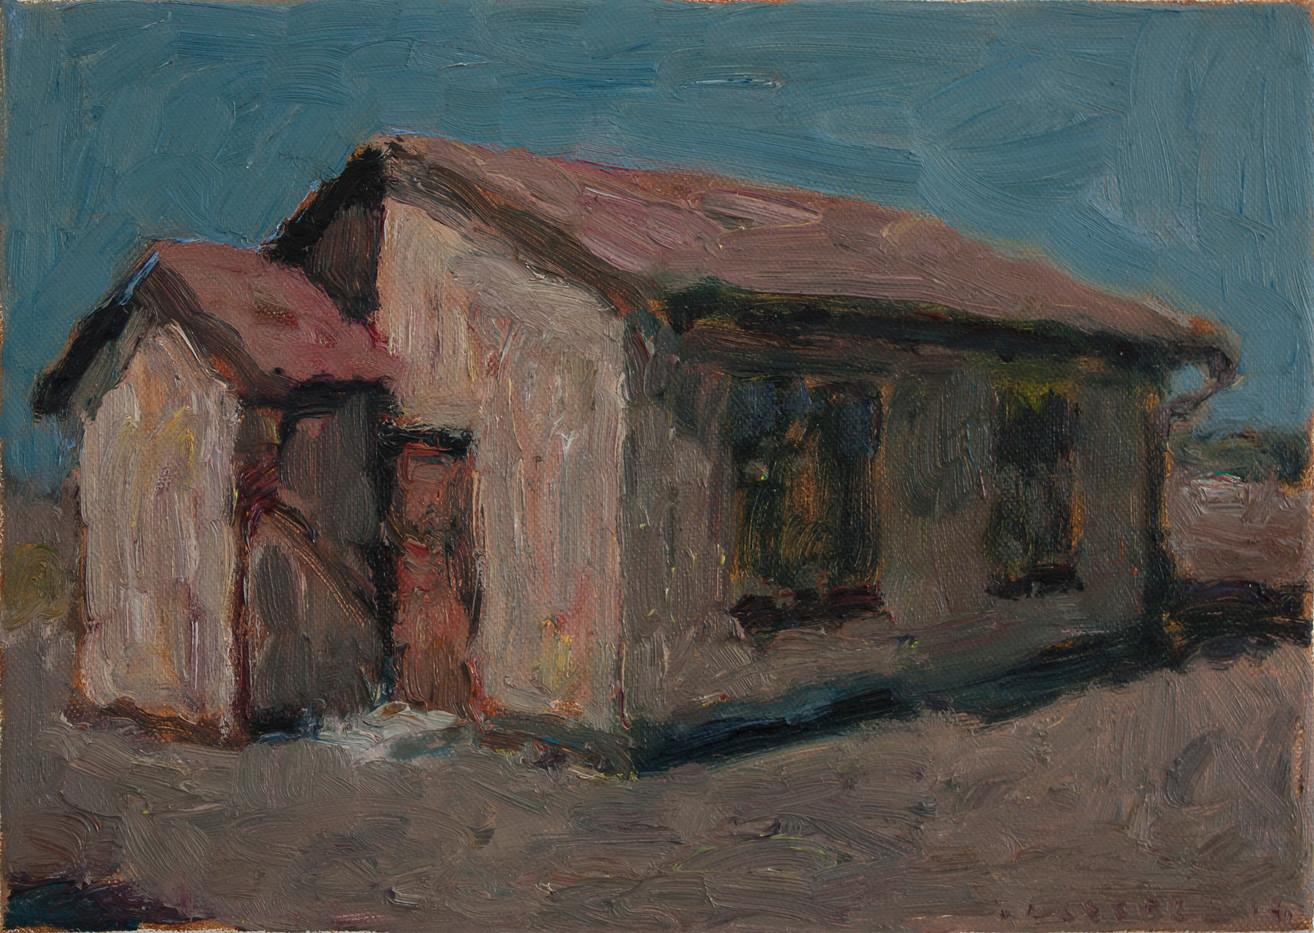 Anton Karstel | Property (Guguletu) | 2014 | Oil on Canvas | 25.5 x 35.5 cm